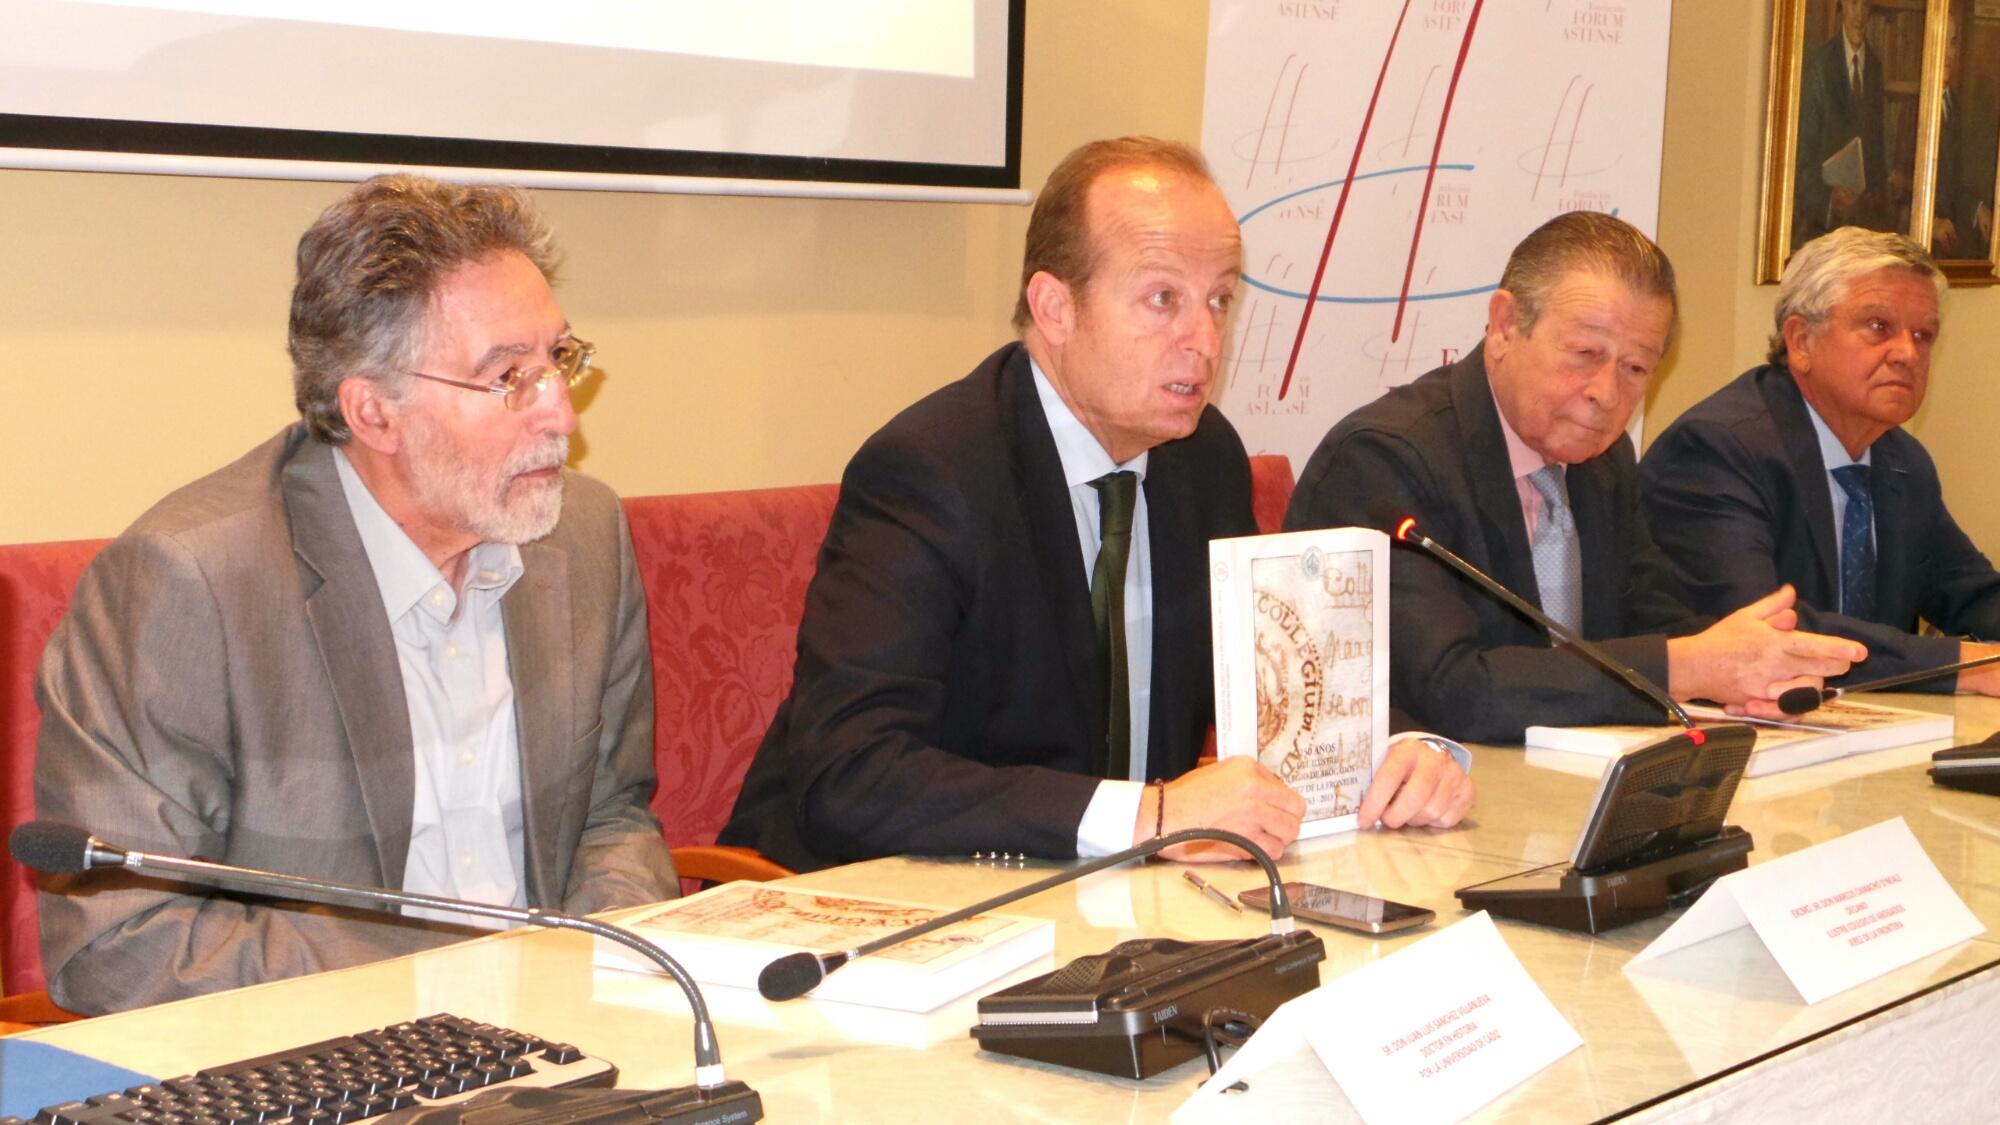 Presentación libro 250 aniversario ICAB Jerez 2